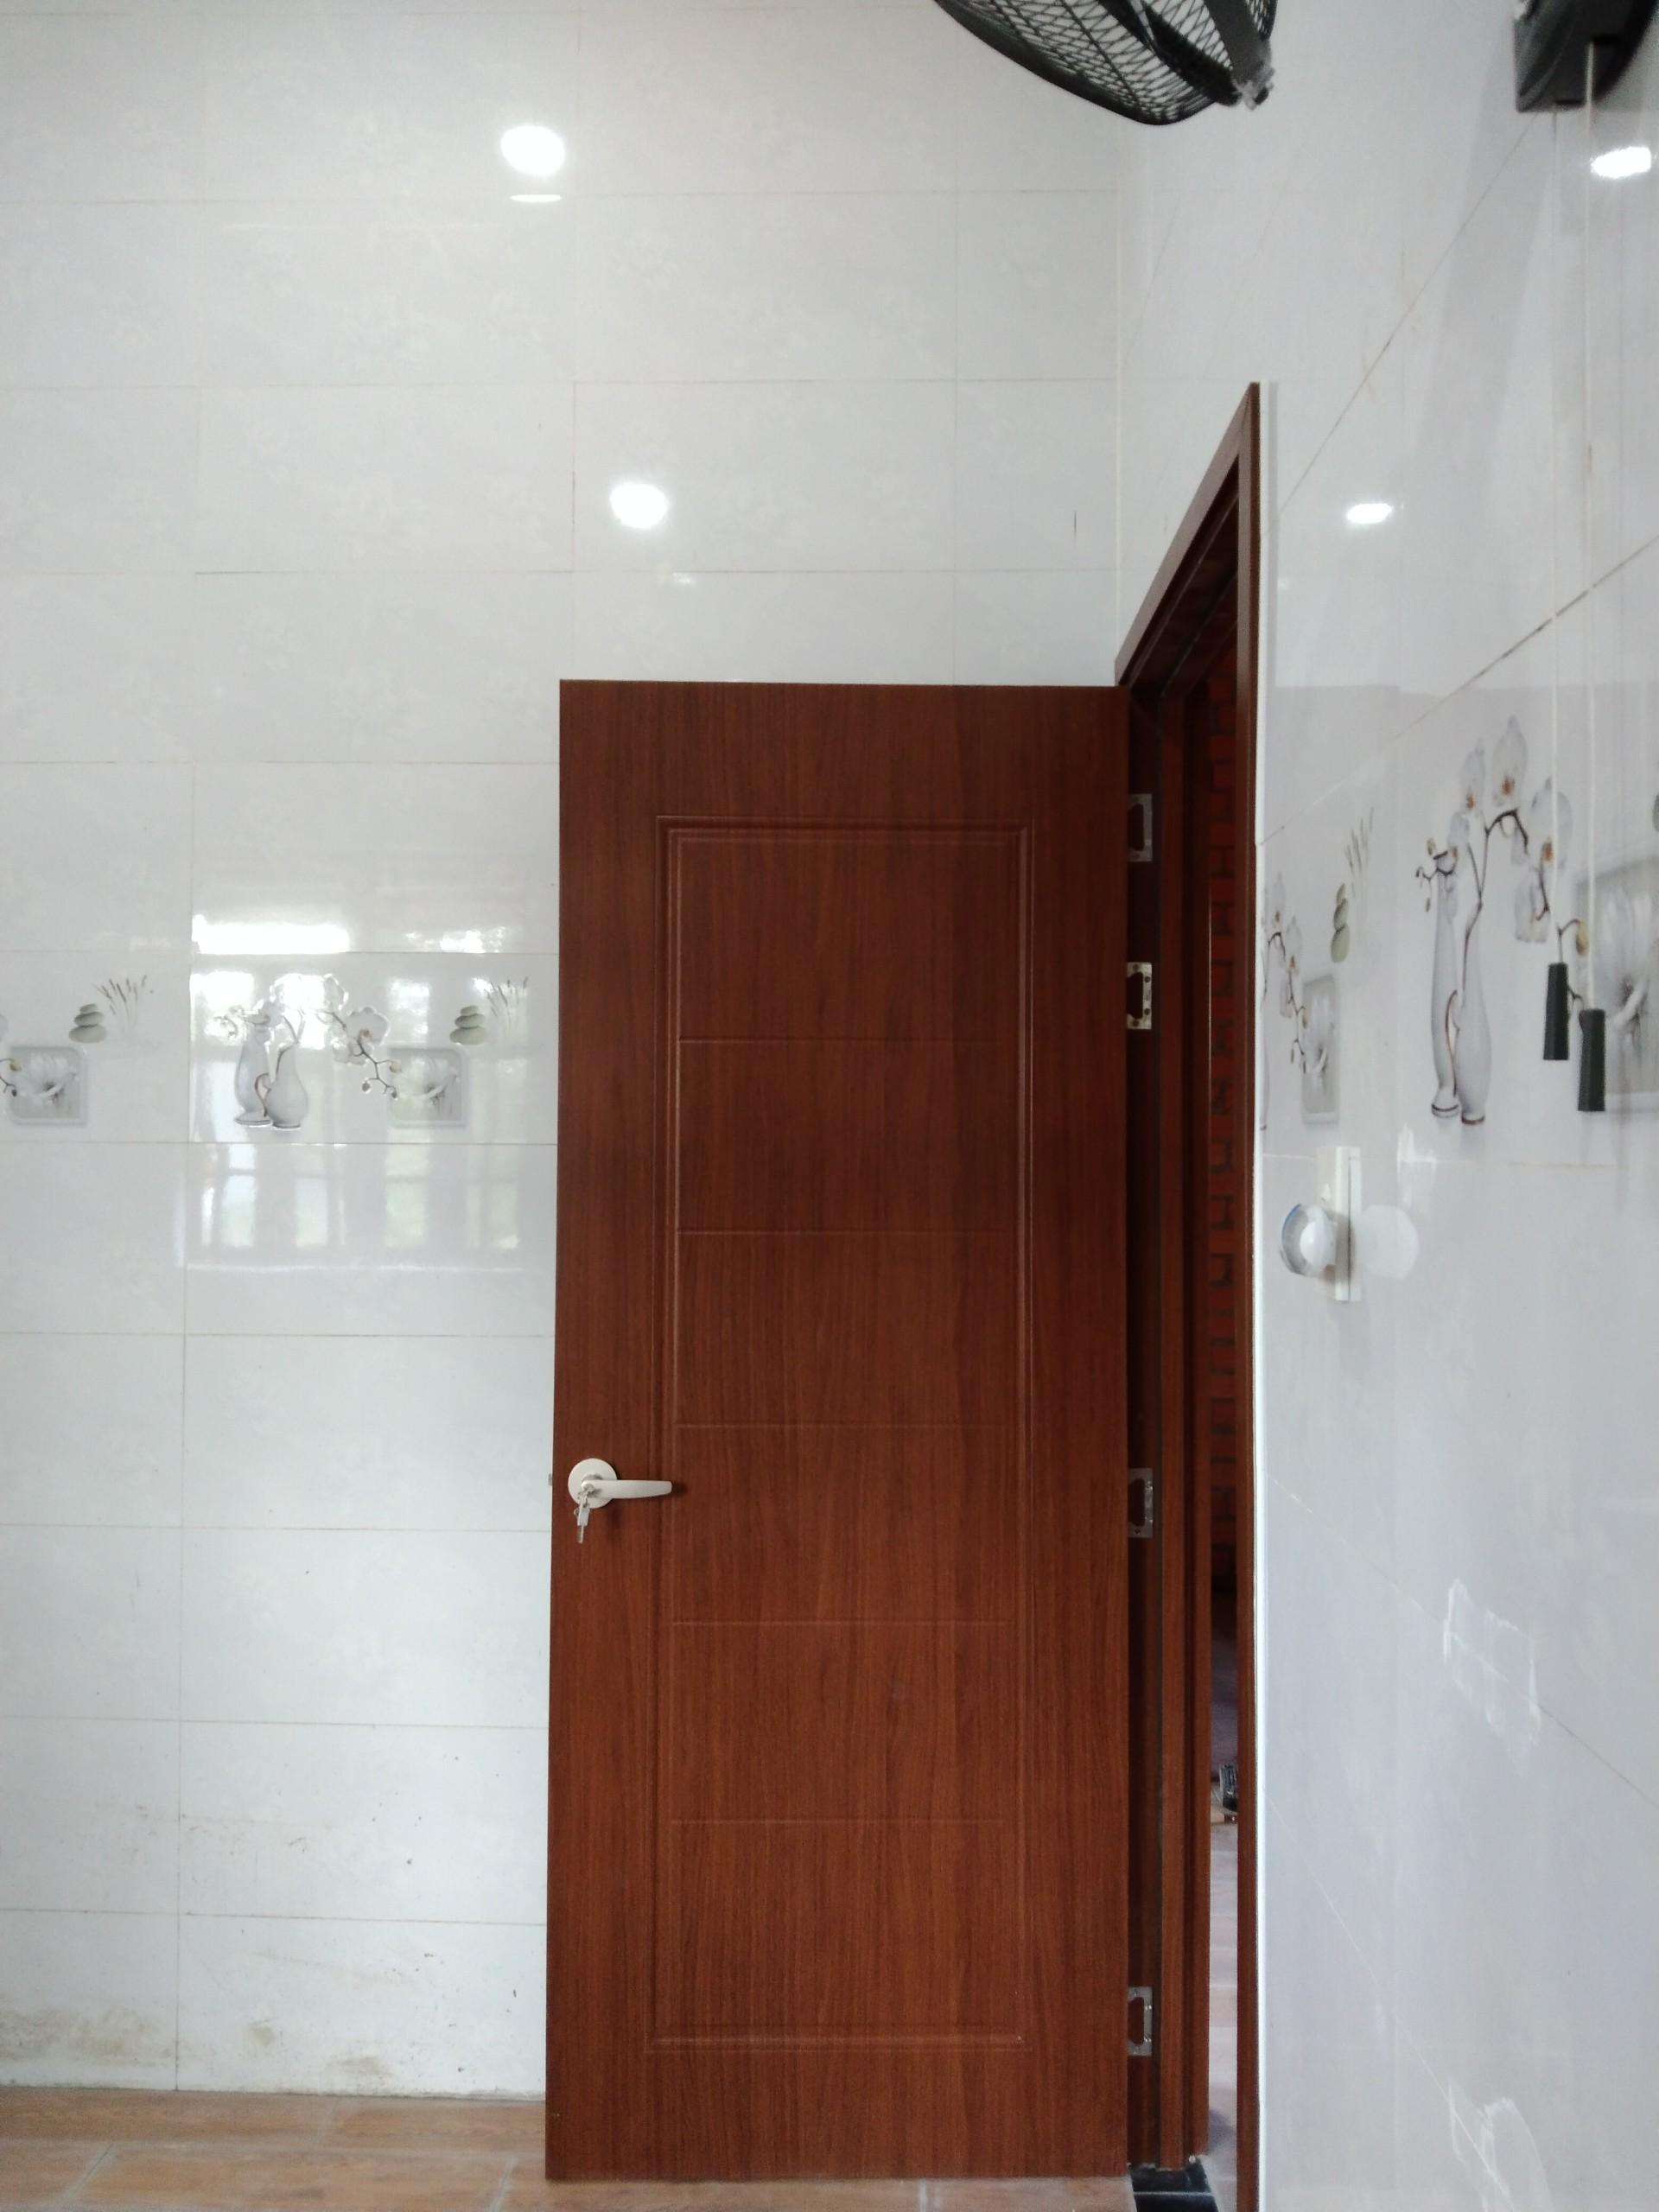 Thi công cửa nhựa composite địa chỉ: lộc châu, lộc hưng trảng bàng tây ninh